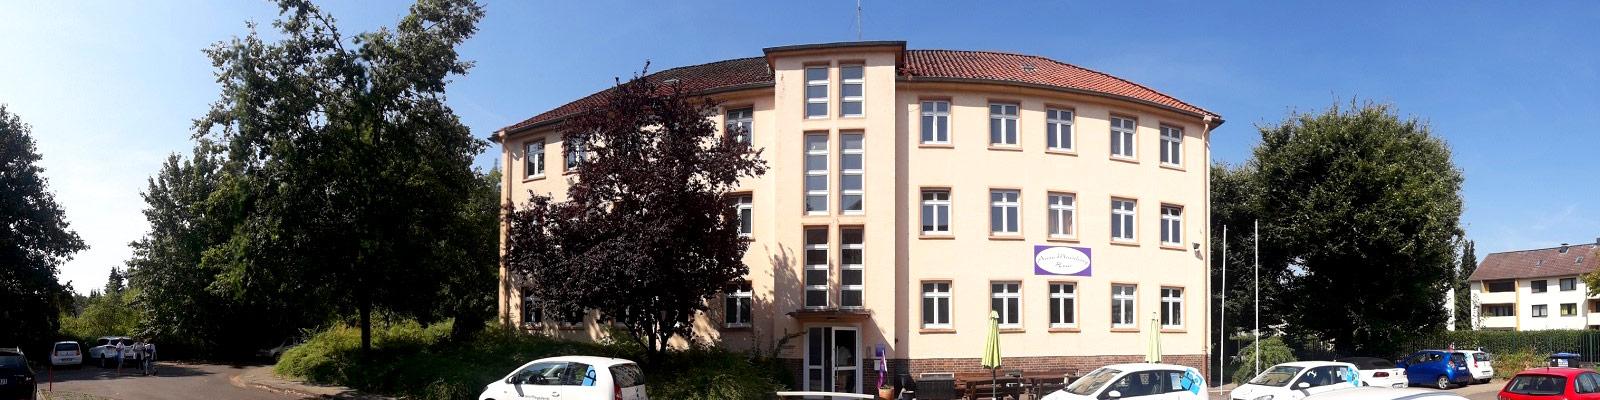 Diakonie Pflegedient Schaumburg Standort Bückeburg